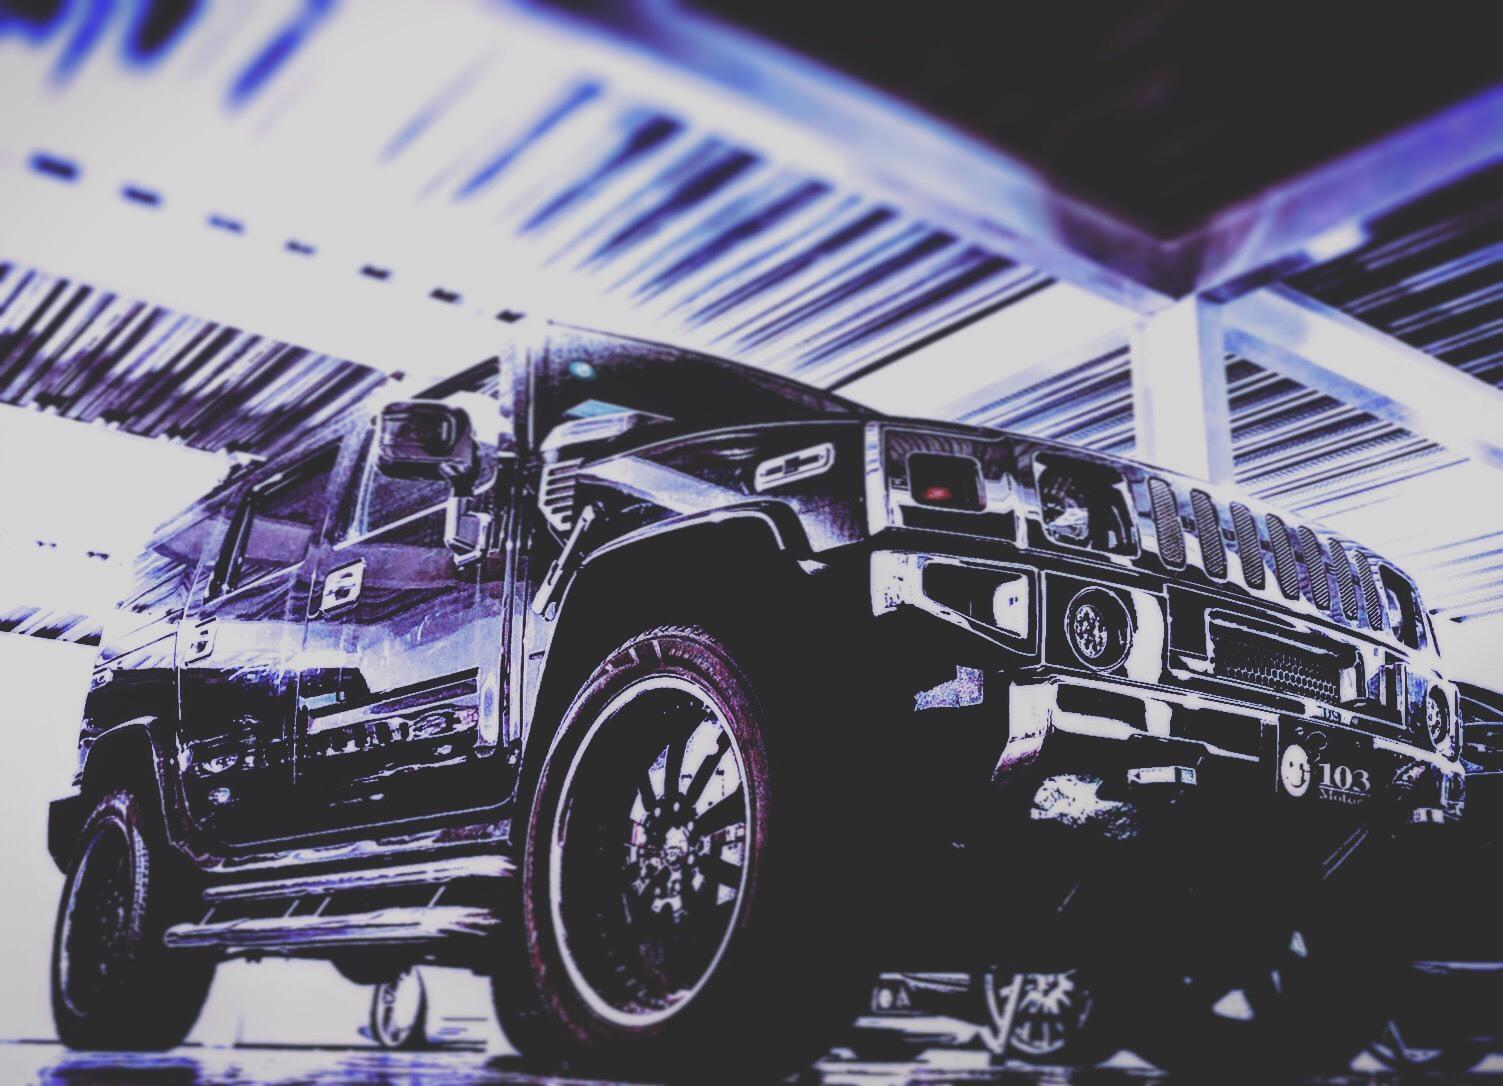 6月8日(金)トミーベース カスタムブログ☆ハマーH2 エスカレード続々入庫☆N様ラングらーご成約☆_b0127002_10073930.jpg